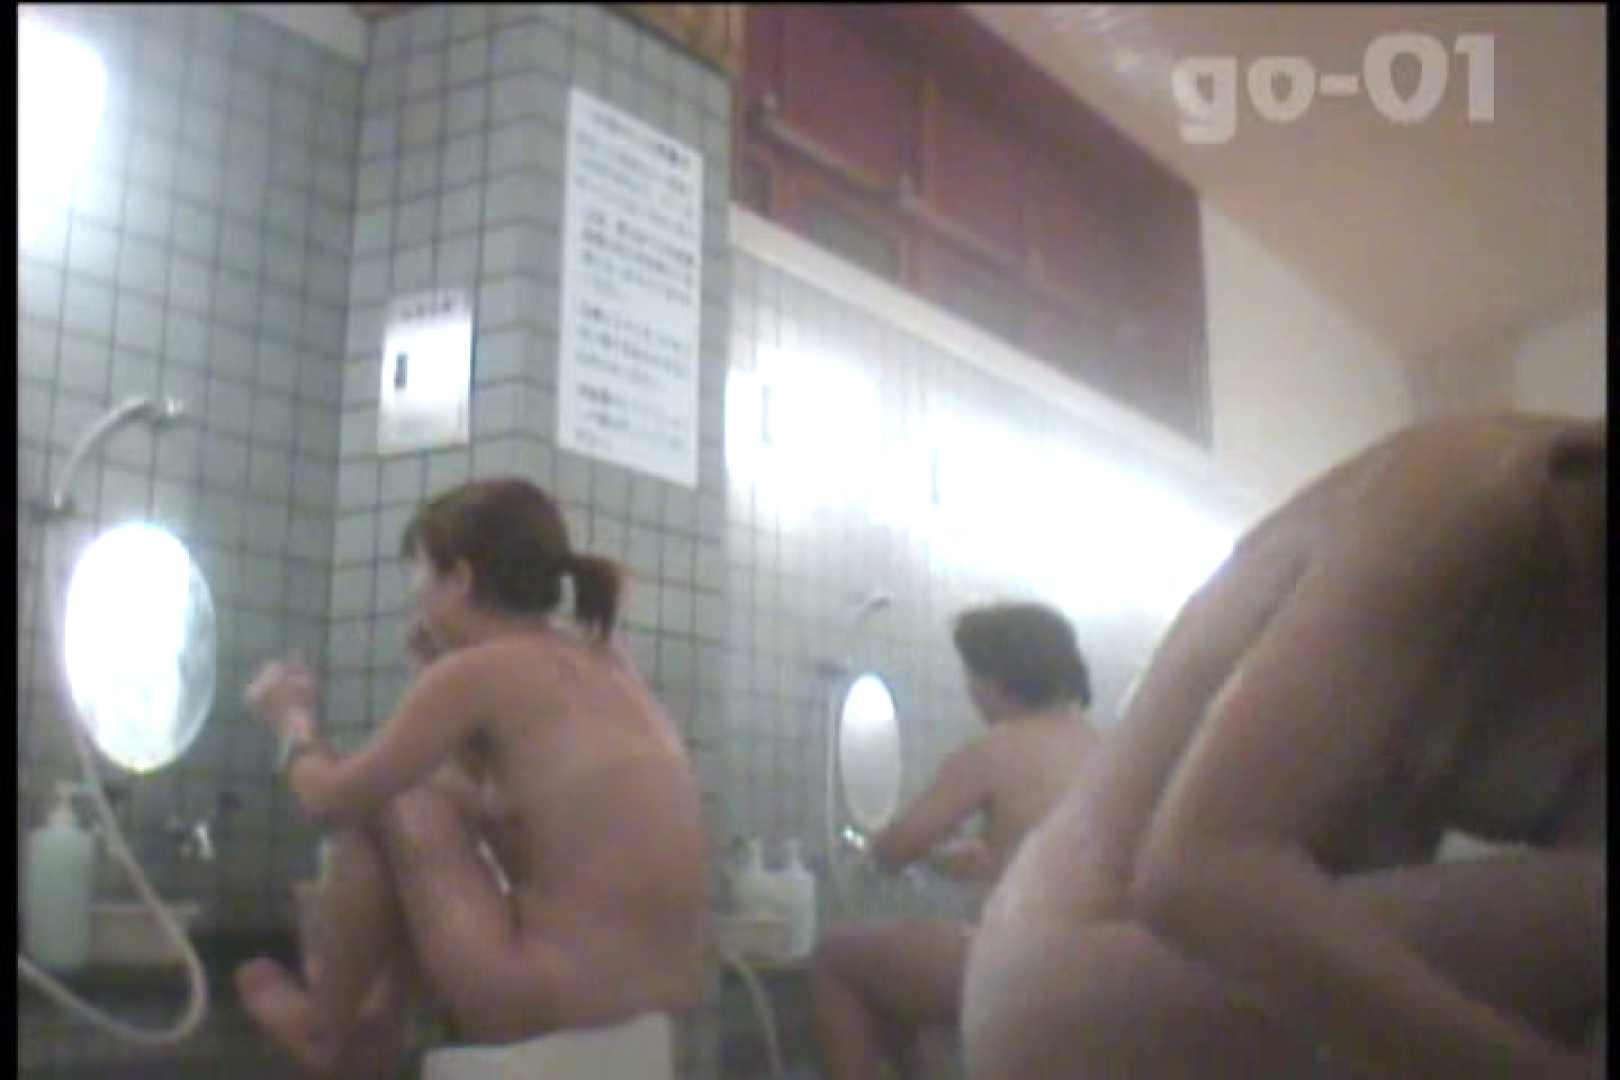 厳選潜入女風呂 No.01 潜入 | 盗撮  70枚 13